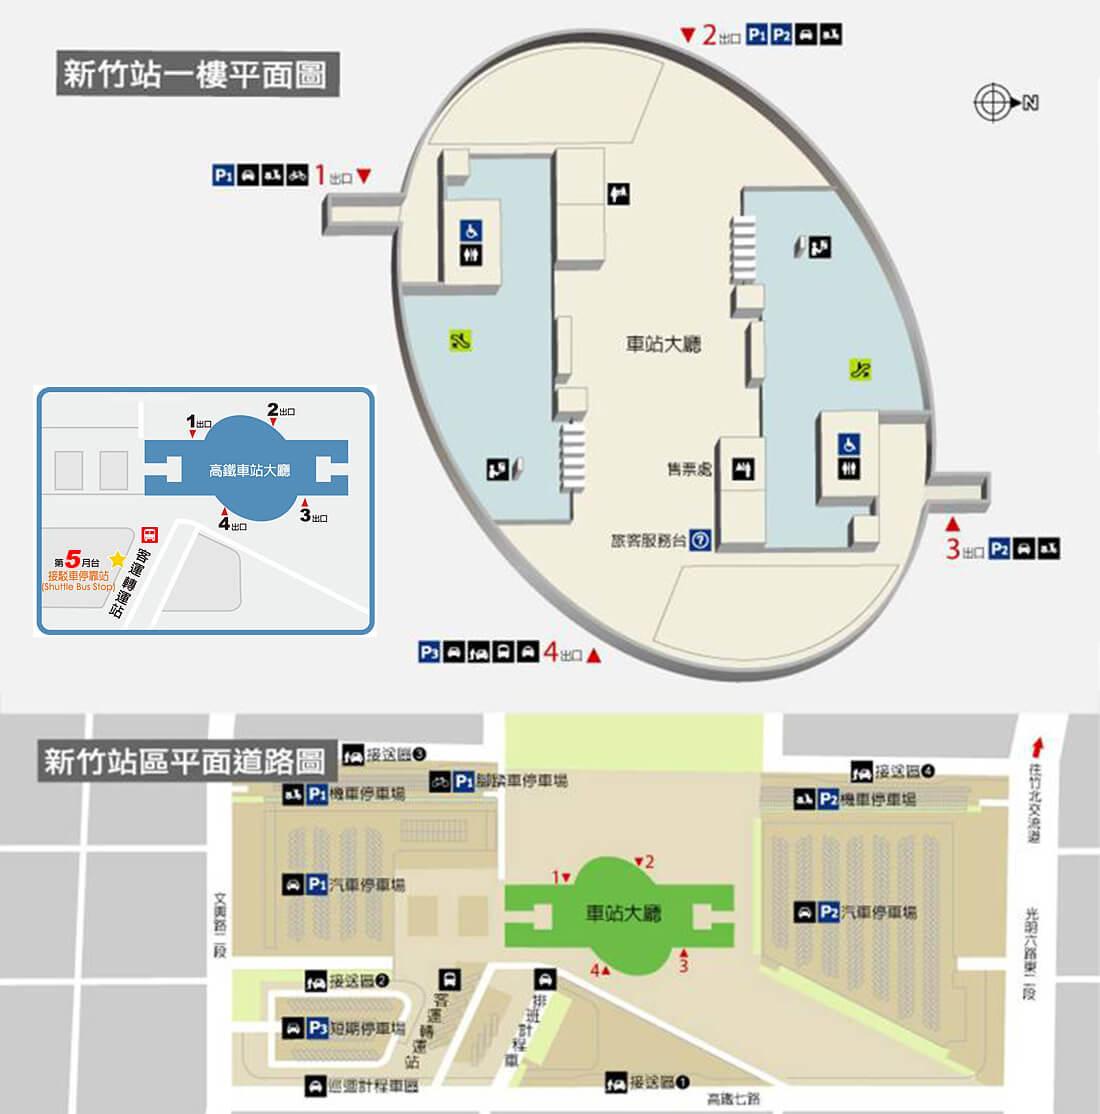 新竹高鐵站平面圖